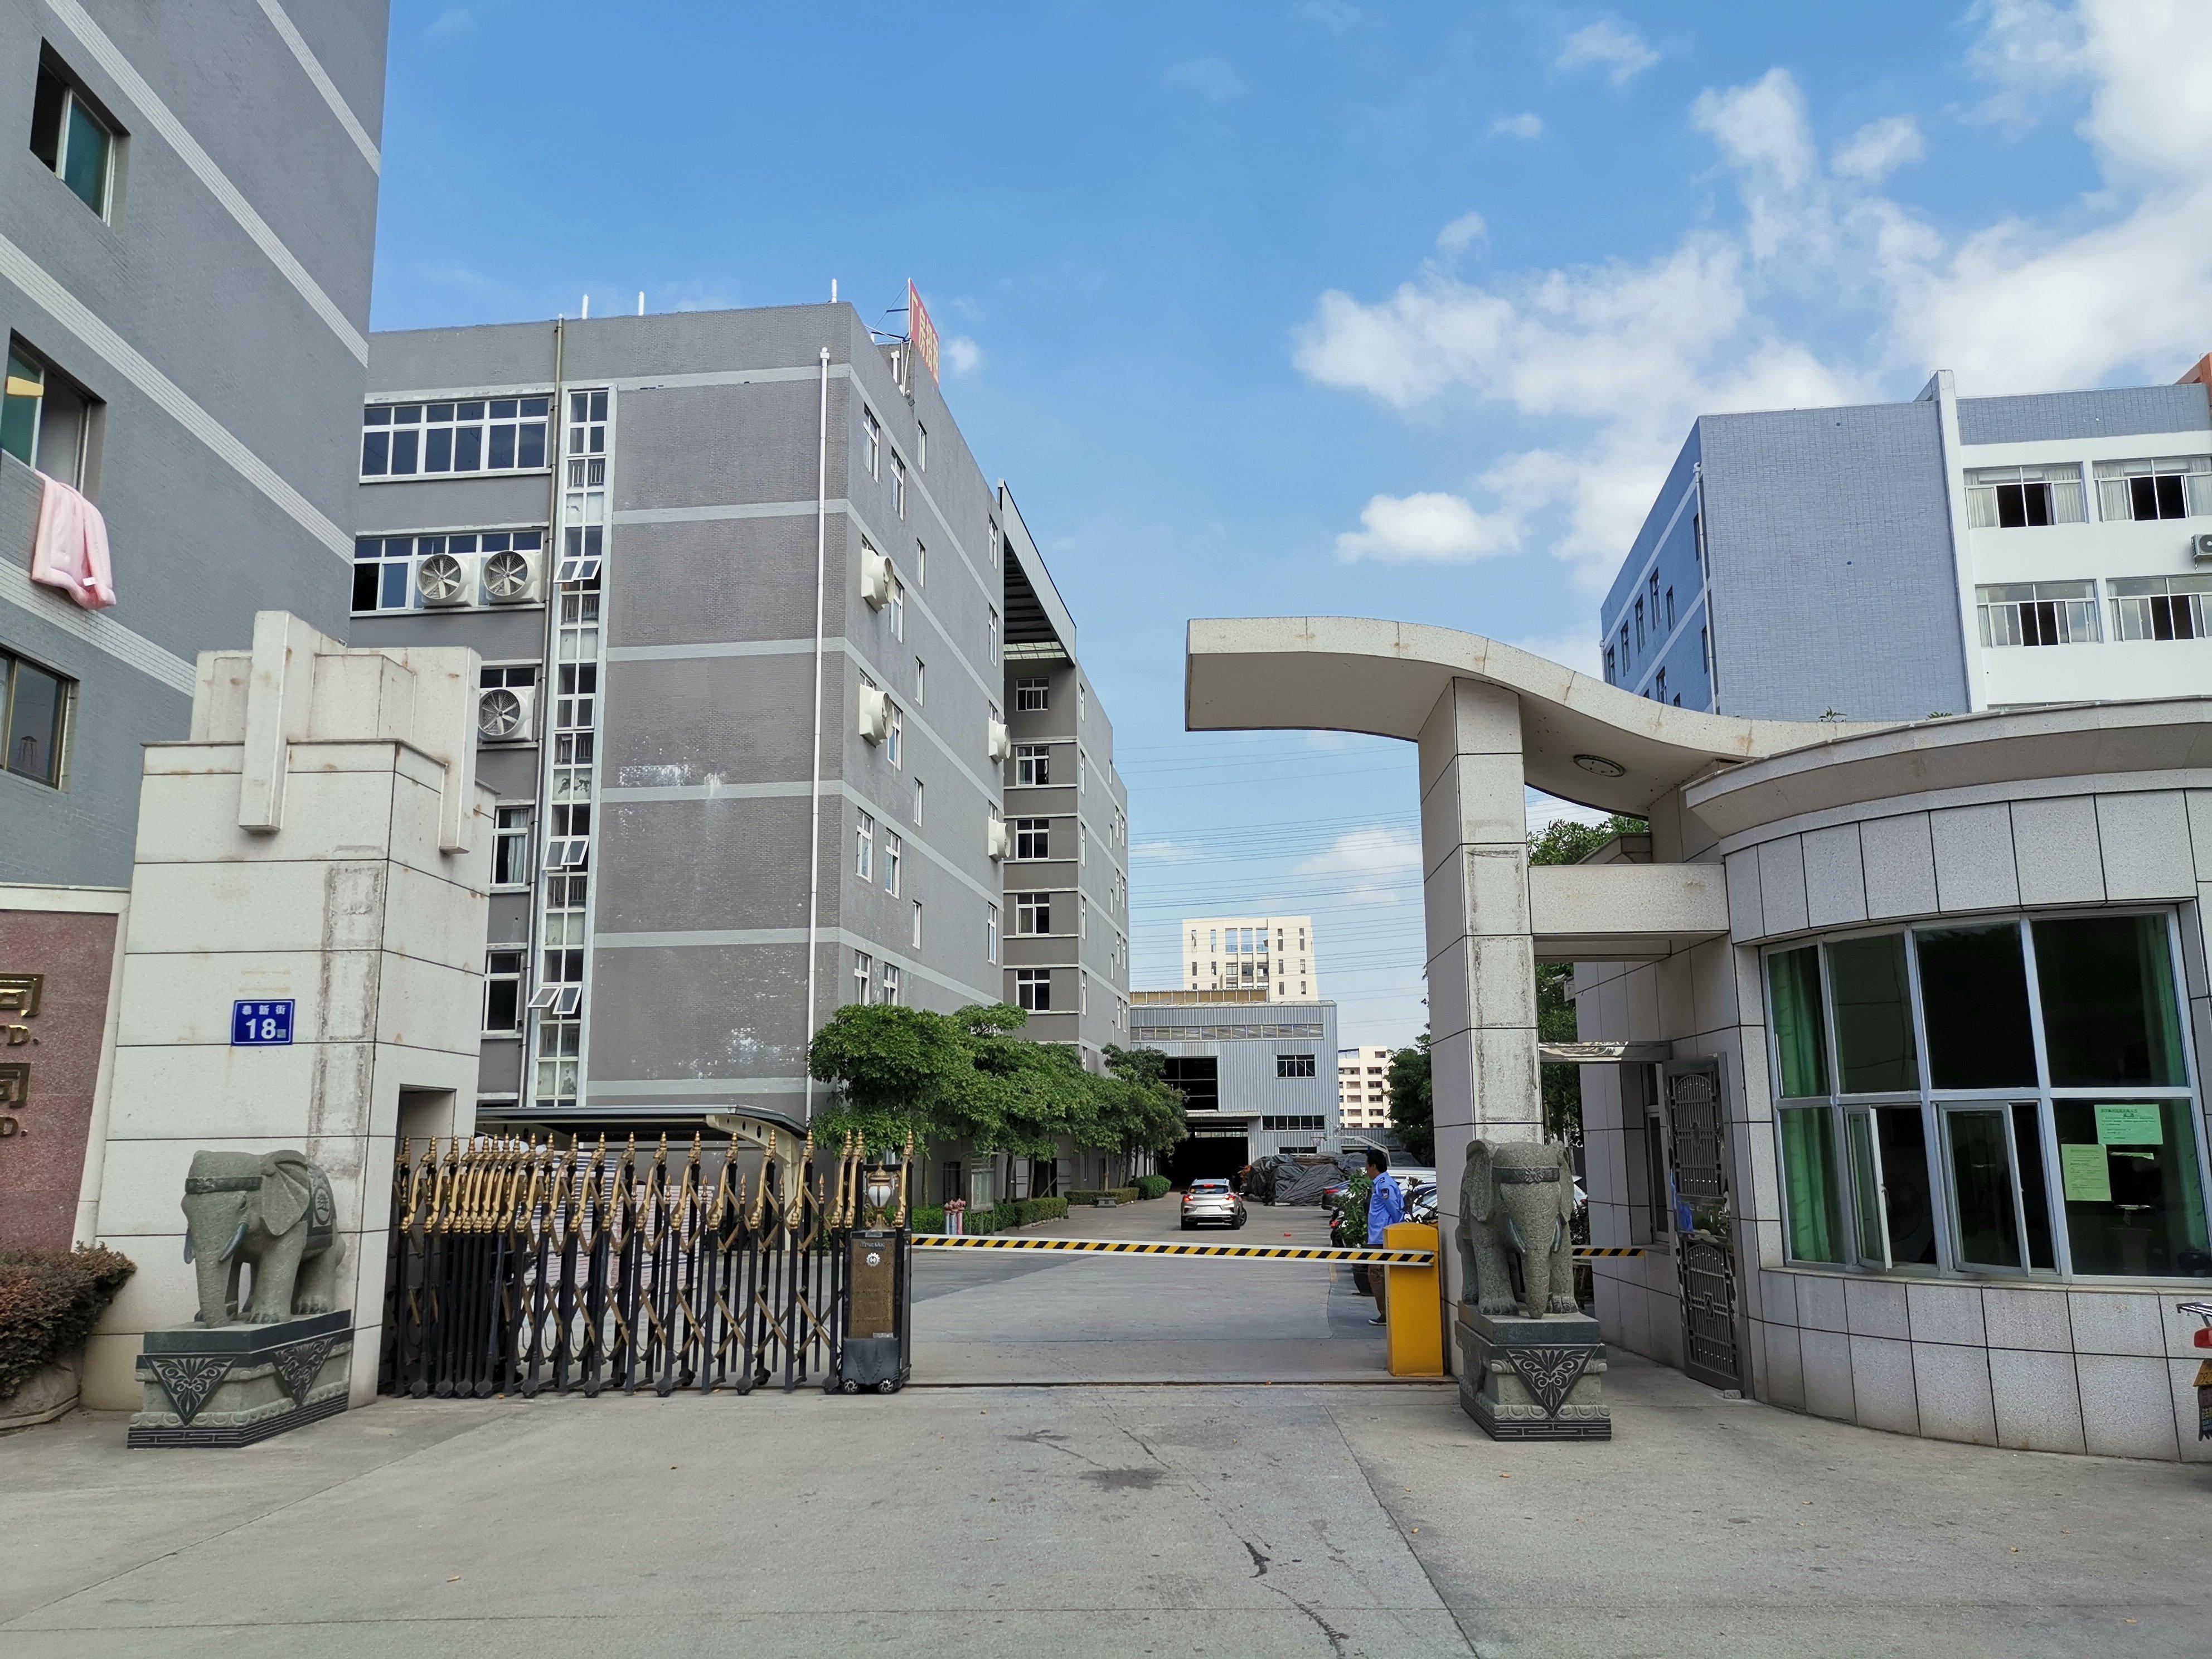 江门市带电镀牌照28741平米标准厂房空地超大出售